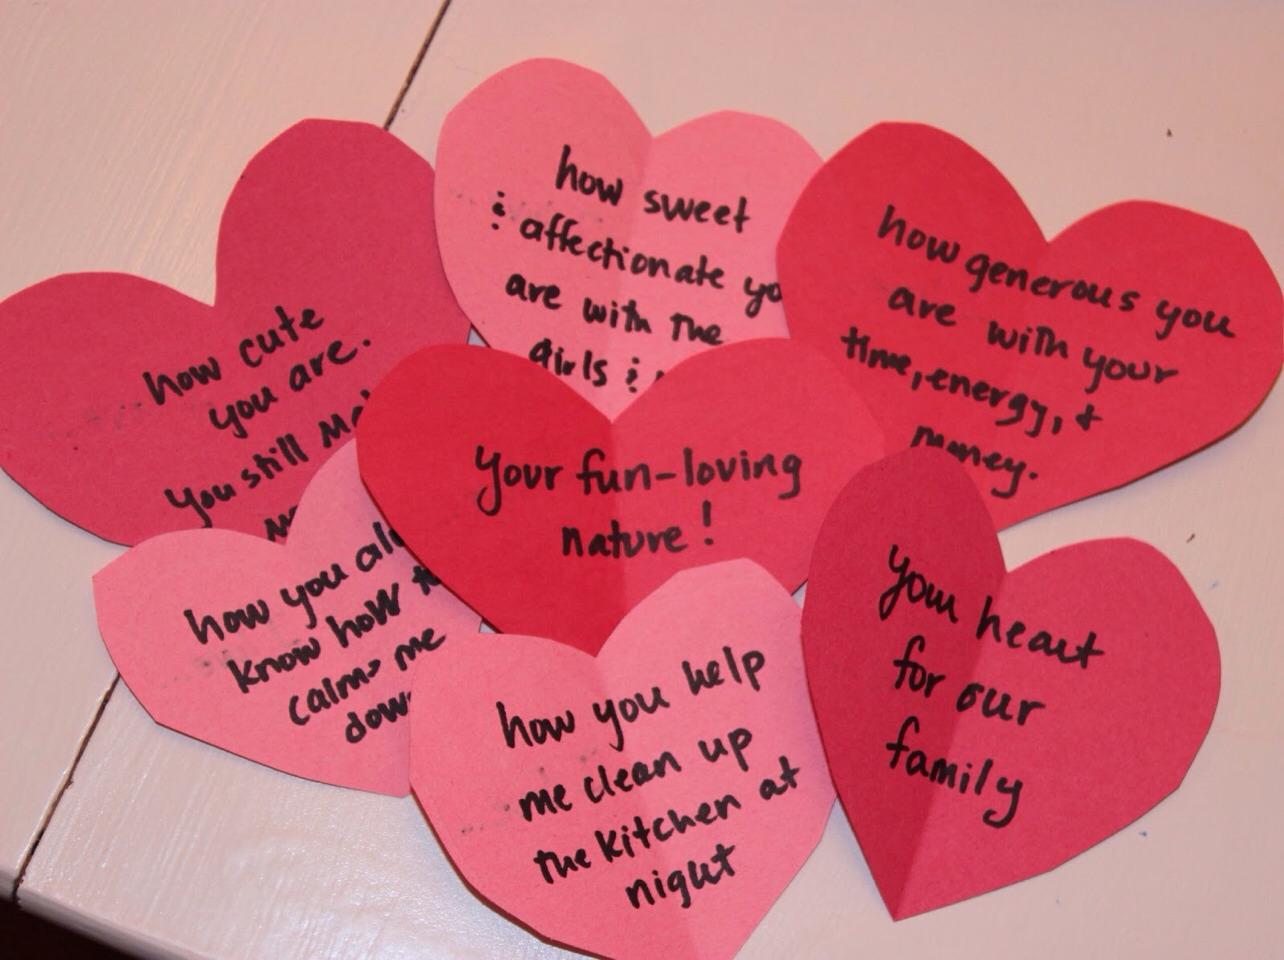 Письмо любимой девушке: как сделать послание интересным 29